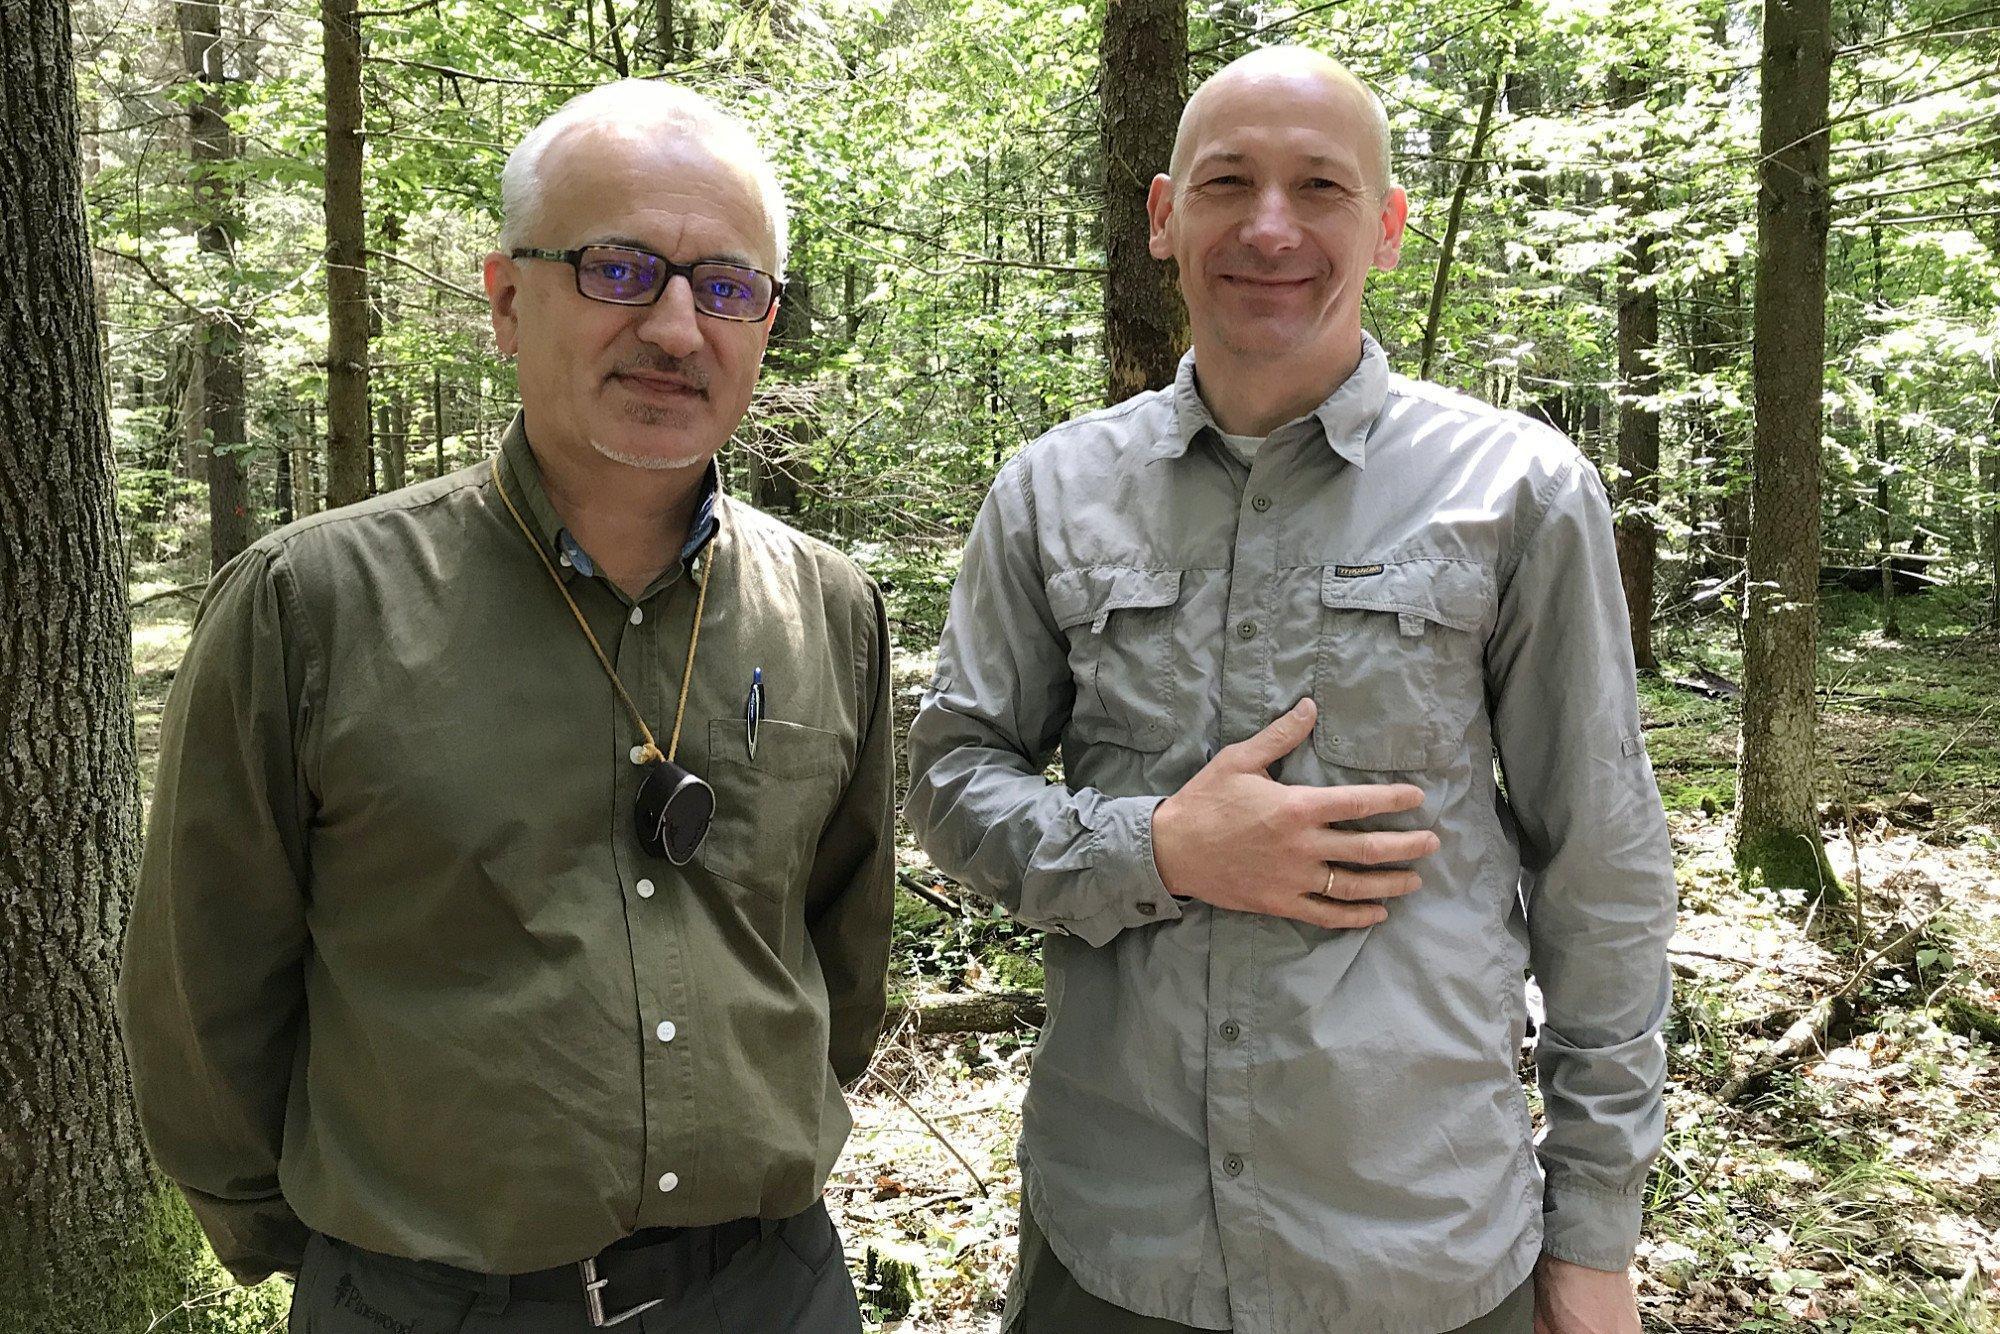 Zwei Wissenschaftler stehen nebeneinander und schauen in die Kamera.